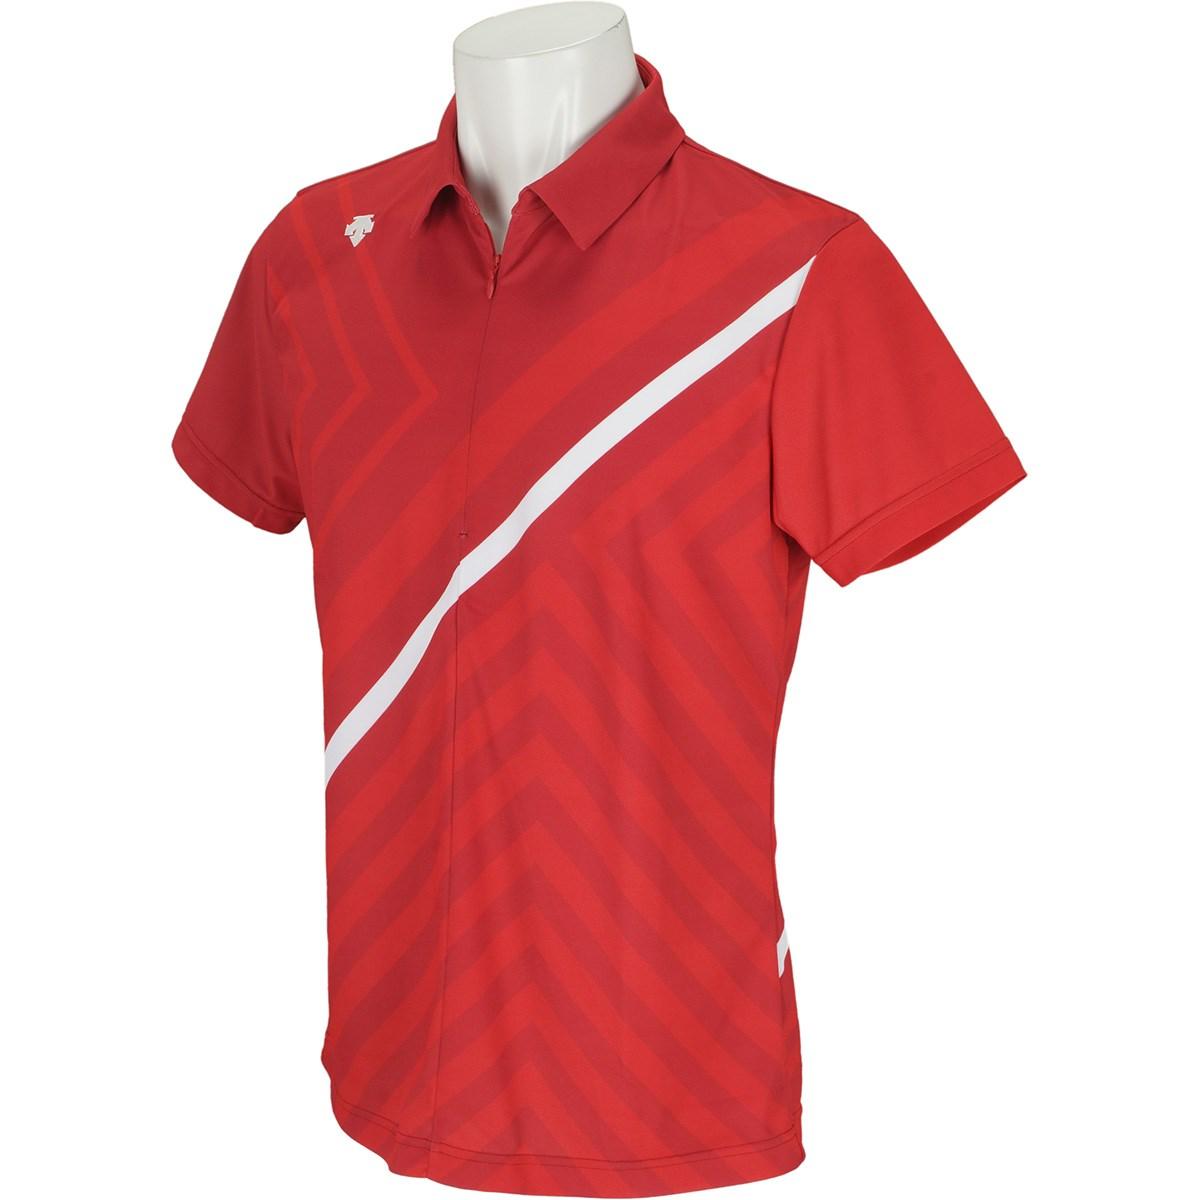 デサントゴルフ(DESCENTE GOLF) ライジングプリント 半袖ポロシャツ